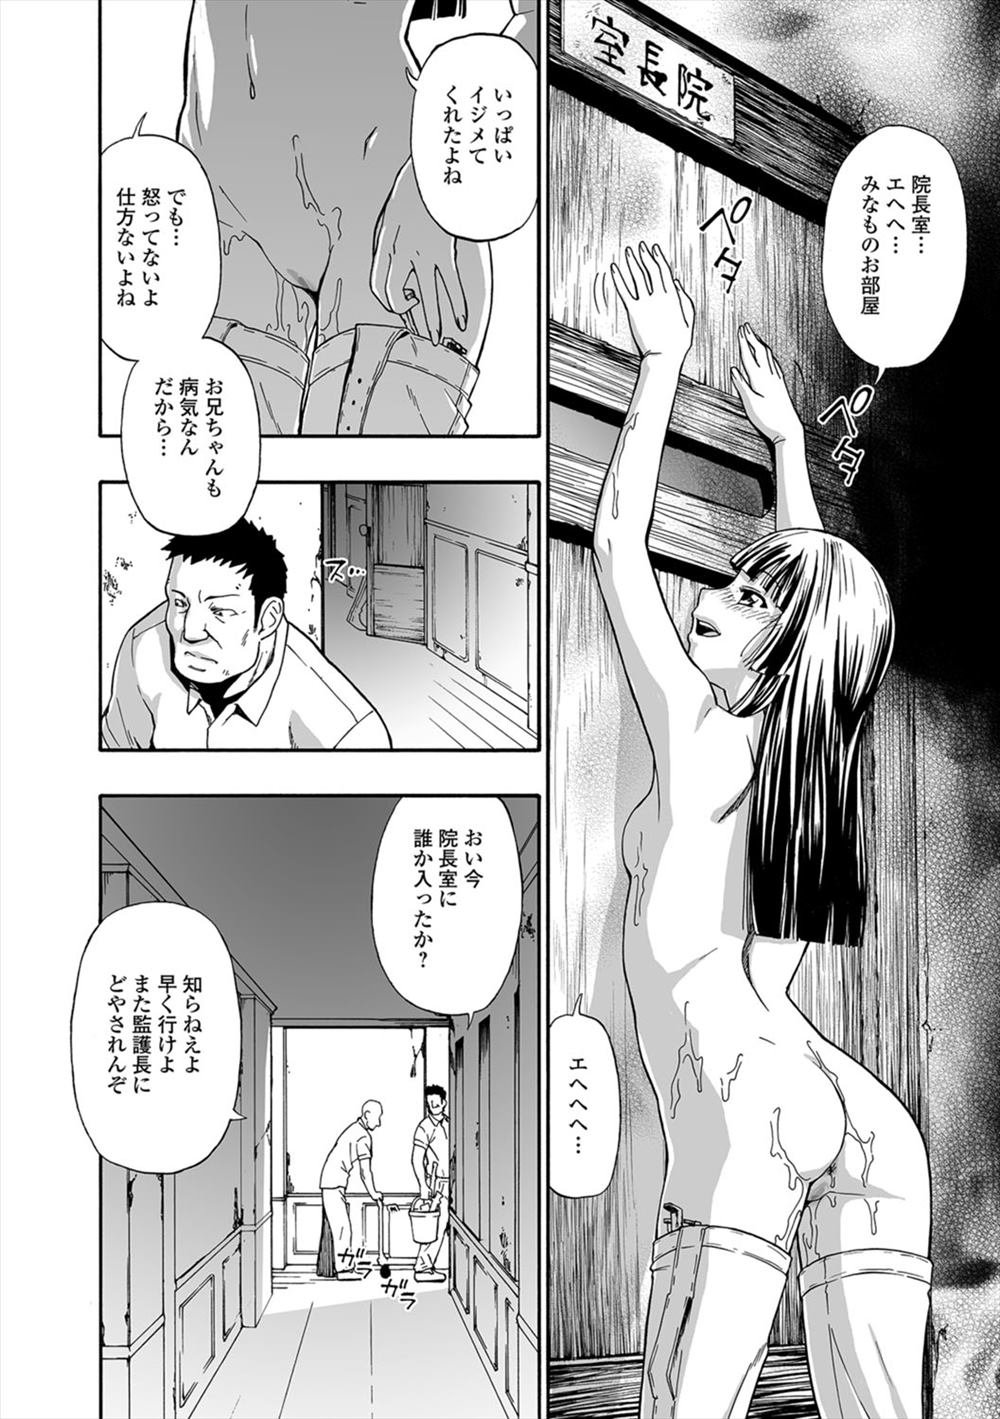 【エロ漫画】(6/7話)狂人ナースのお気に入り陰茎壊した少女…お仕置きヤク漬け陵辱レイプ…【オイスター:愚者の石】